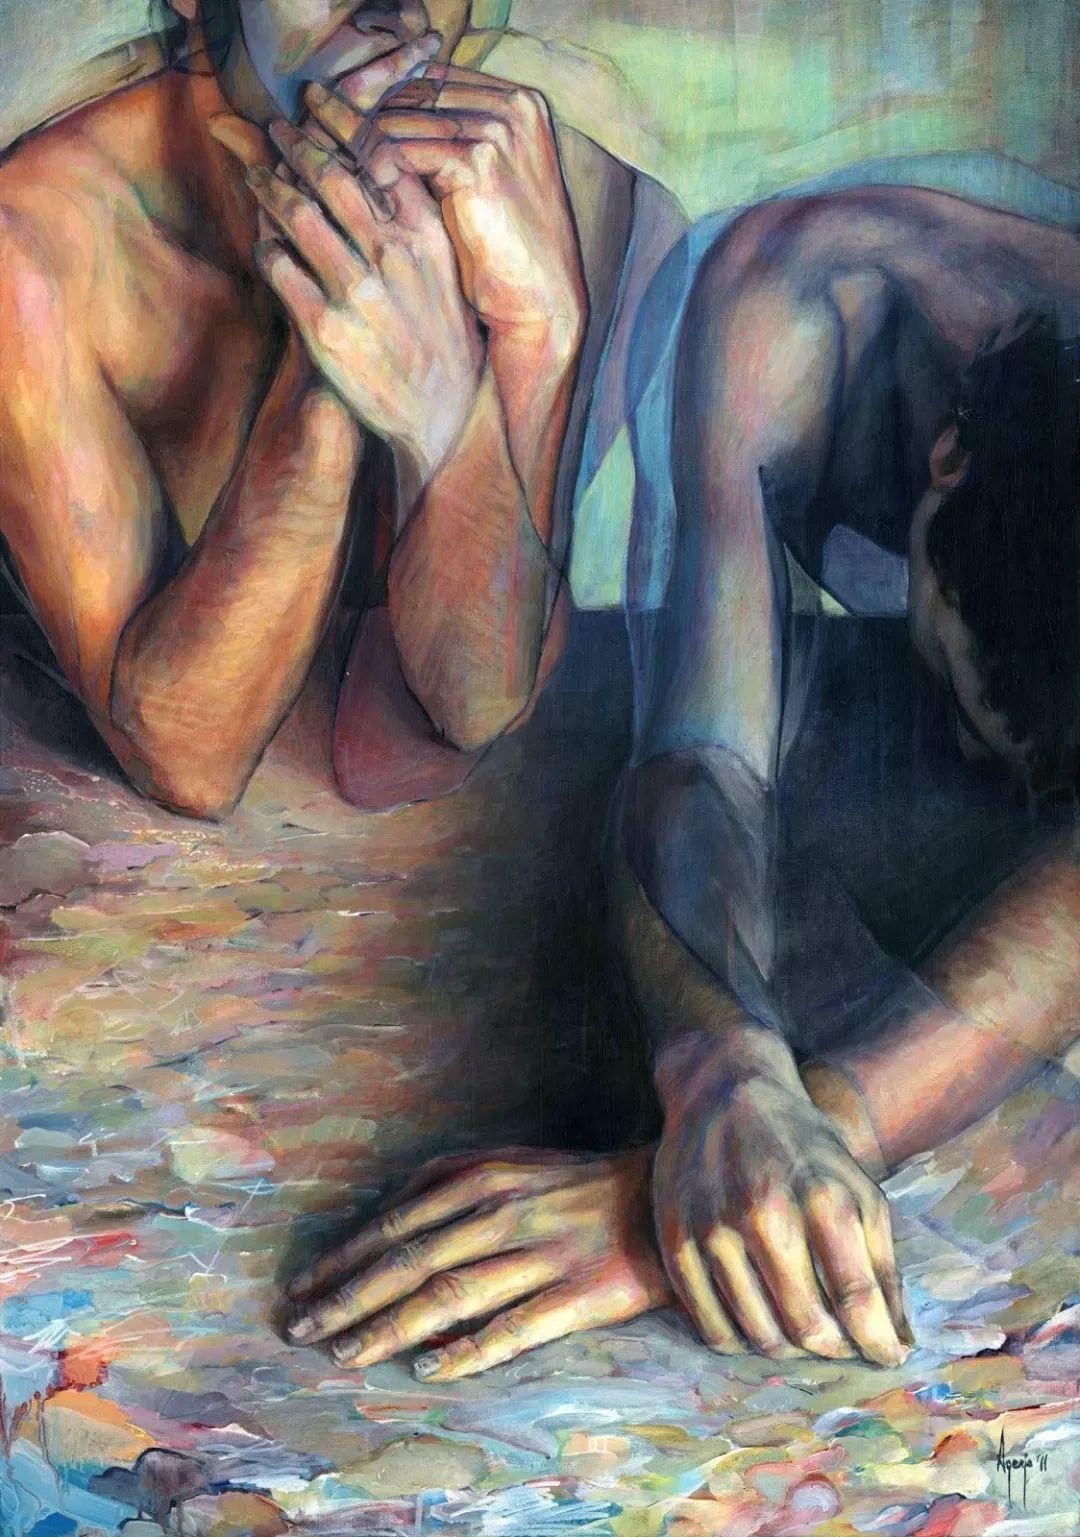 厚重笔触下的缤纷色彩,英国画家David Agenjo插图17